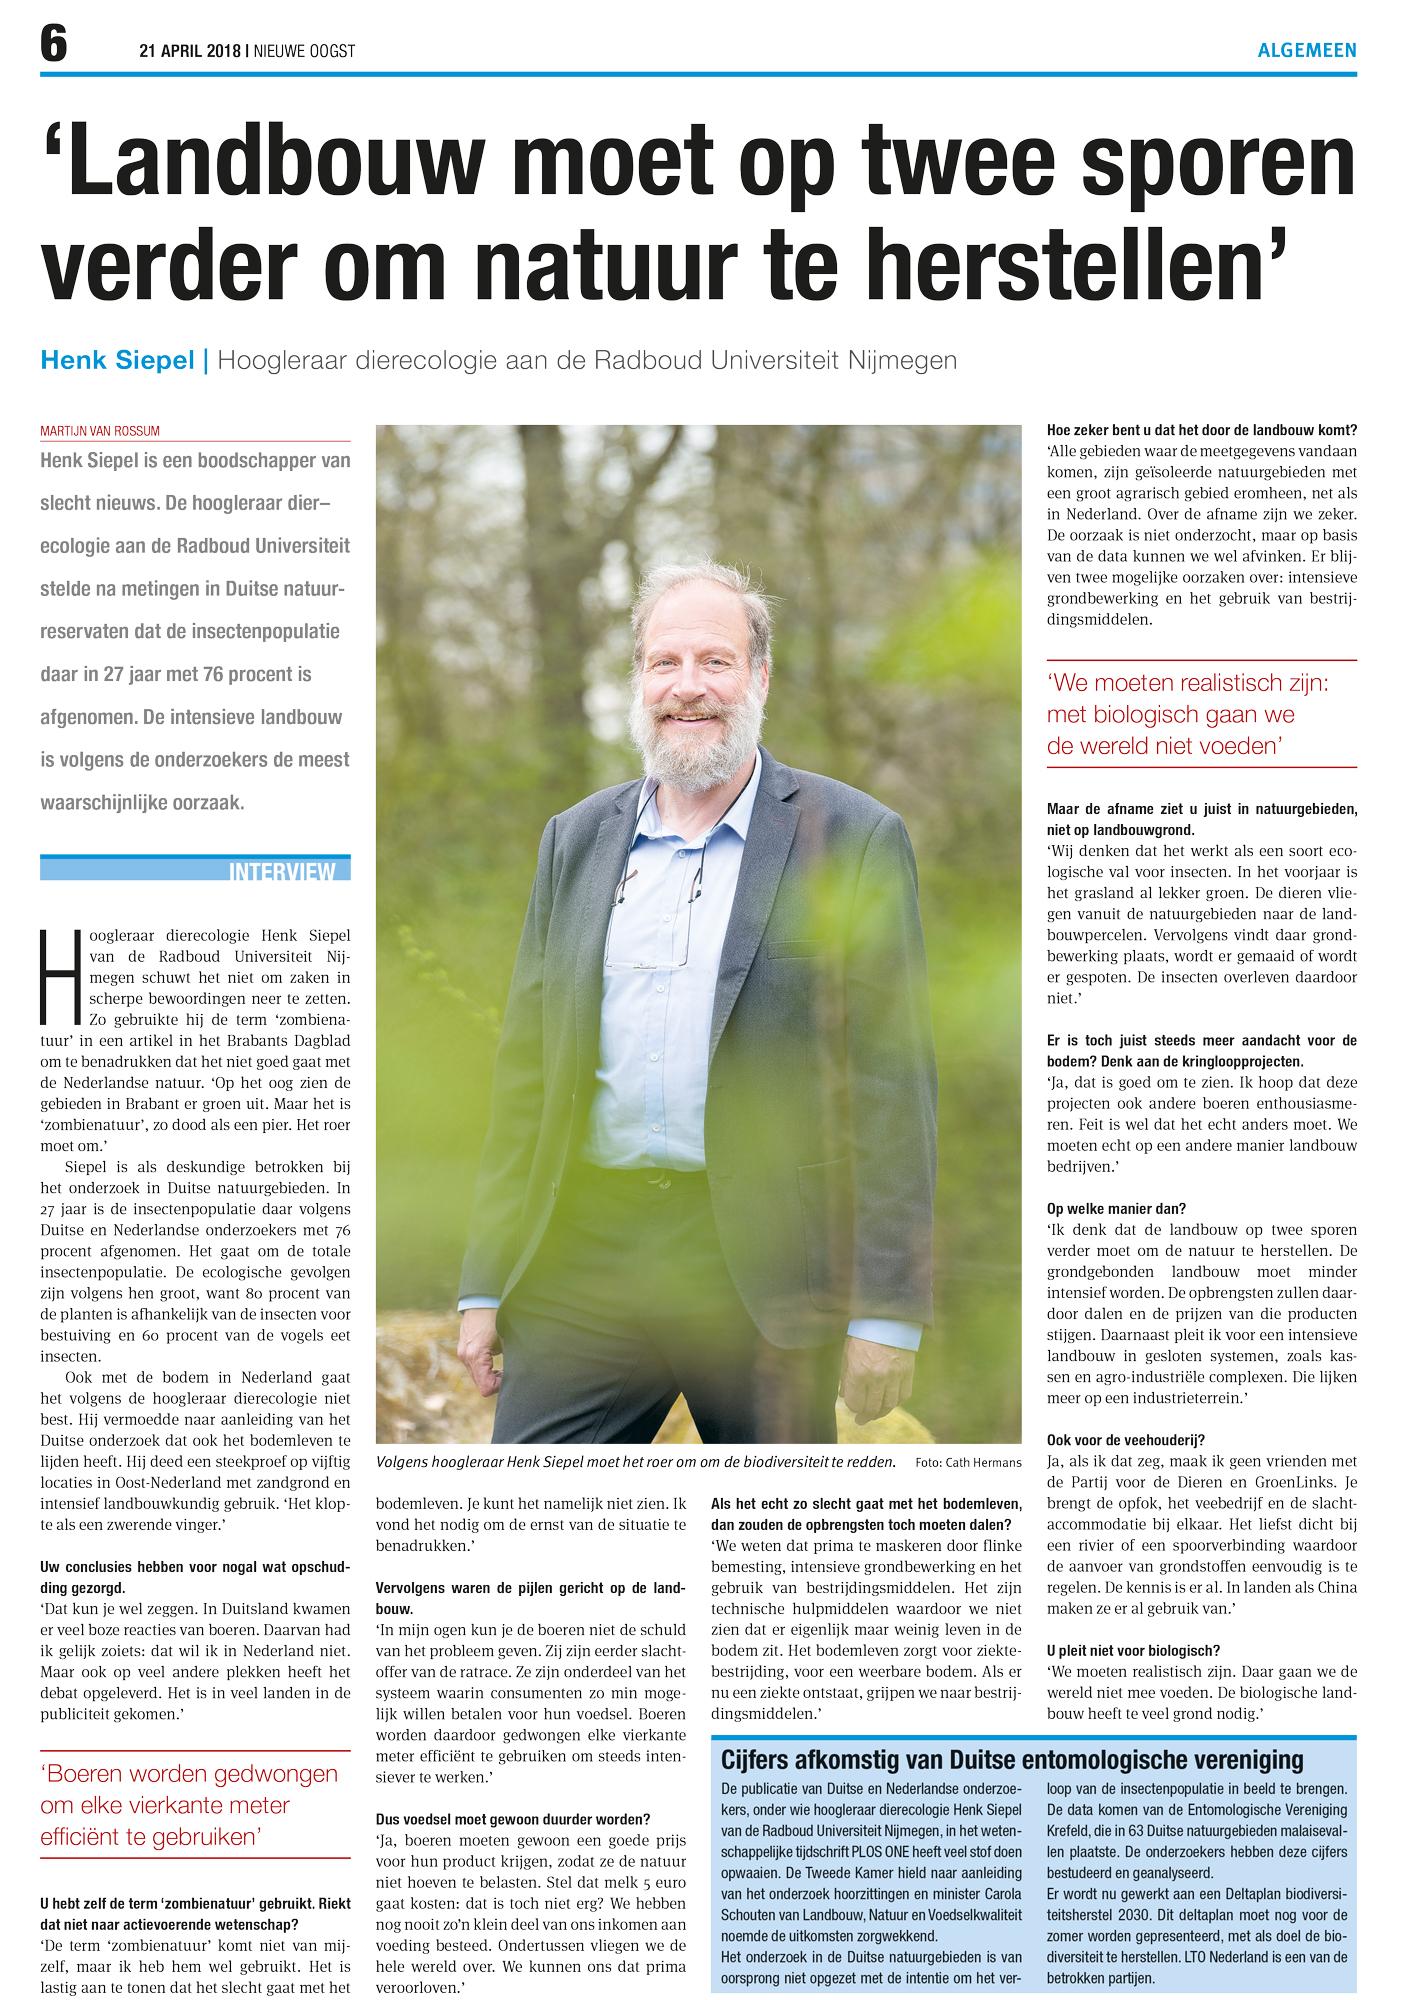 Nieuweoogst-henksiepel-21-04-18.jpg